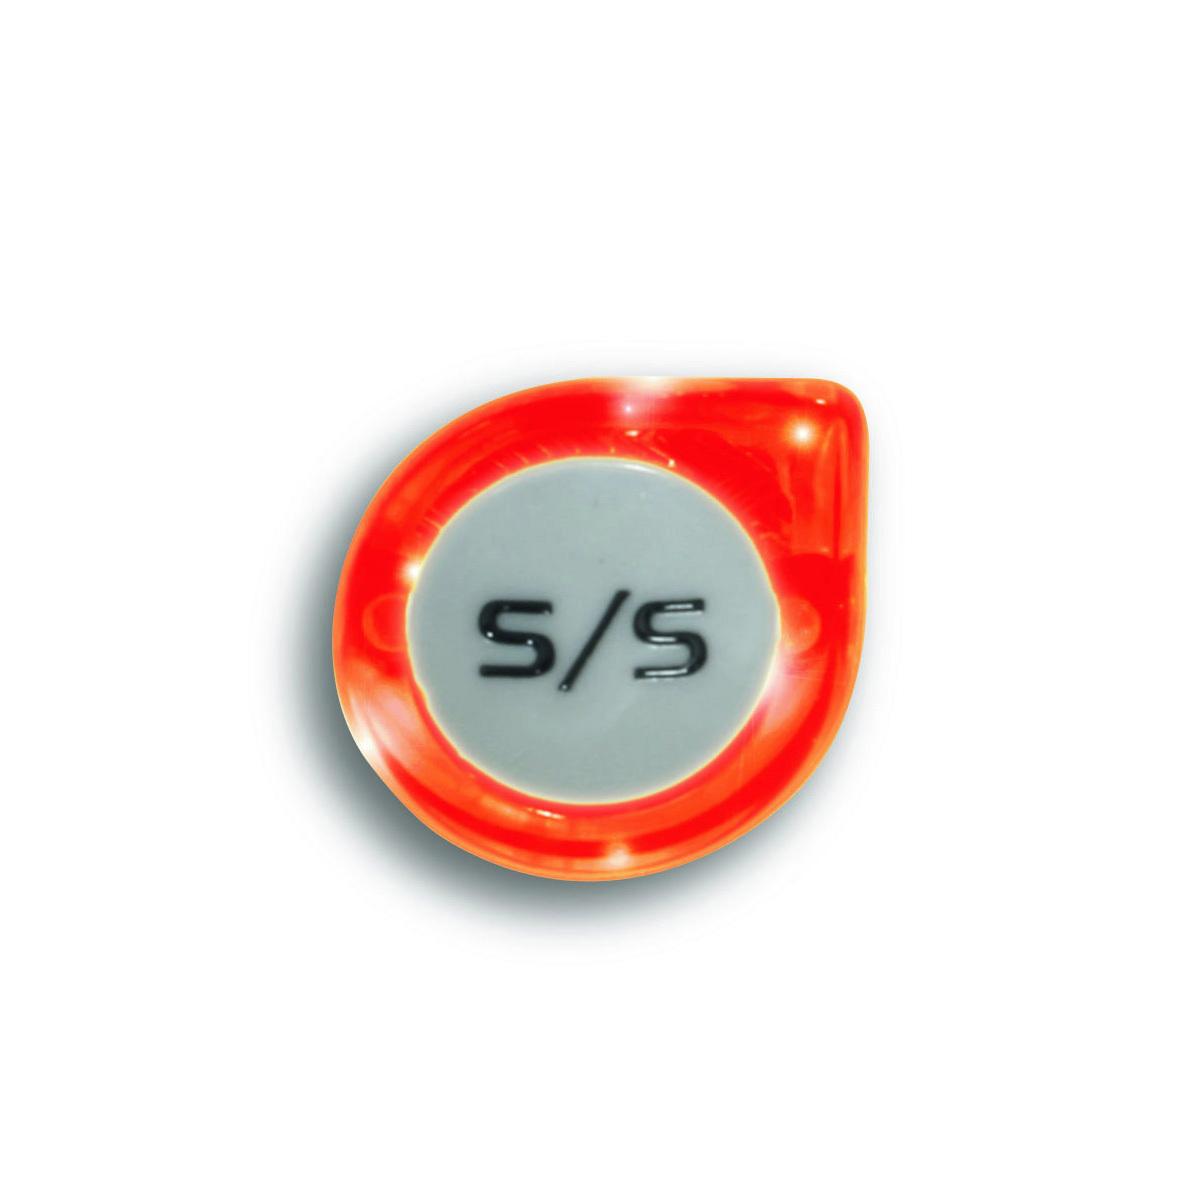 38-2024-digitaler-timer-stoppuhr-taste-1200x1200px.jpg